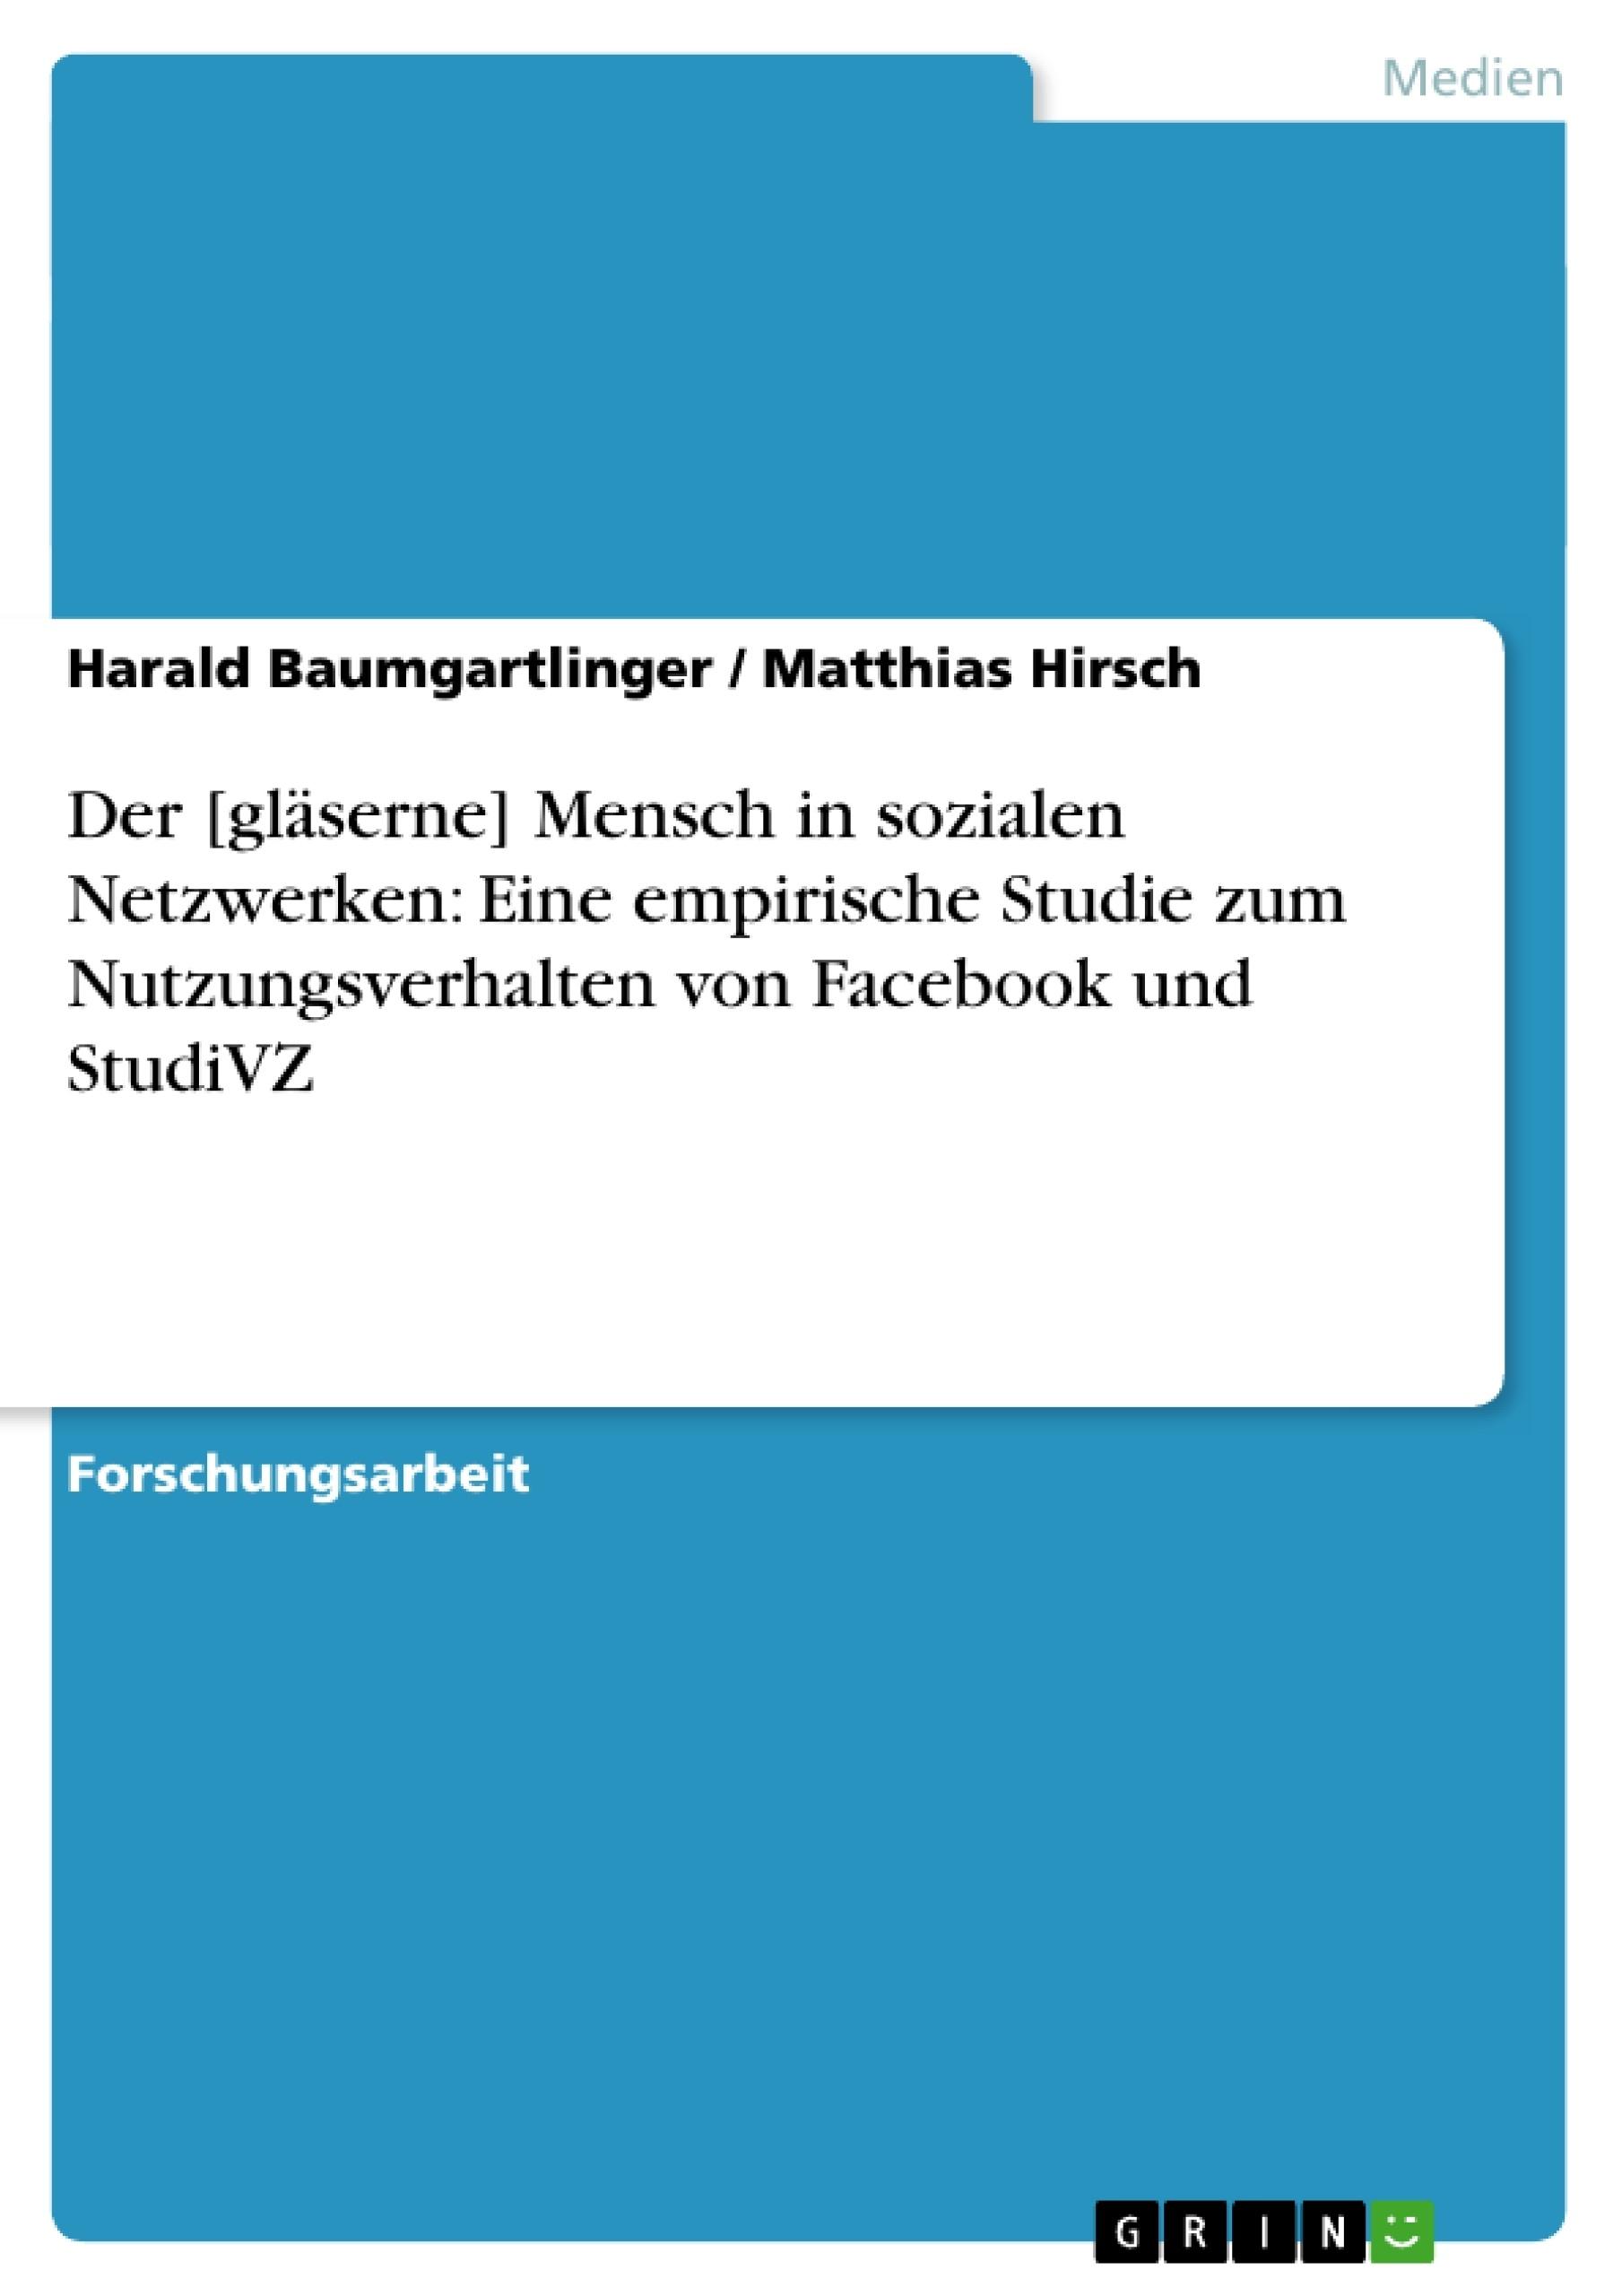 Titel: Der [gläserne] Mensch in sozialen Netzwerken: Eine empirische Studie zum Nutzungsverhalten von Facebook und StudiVZ